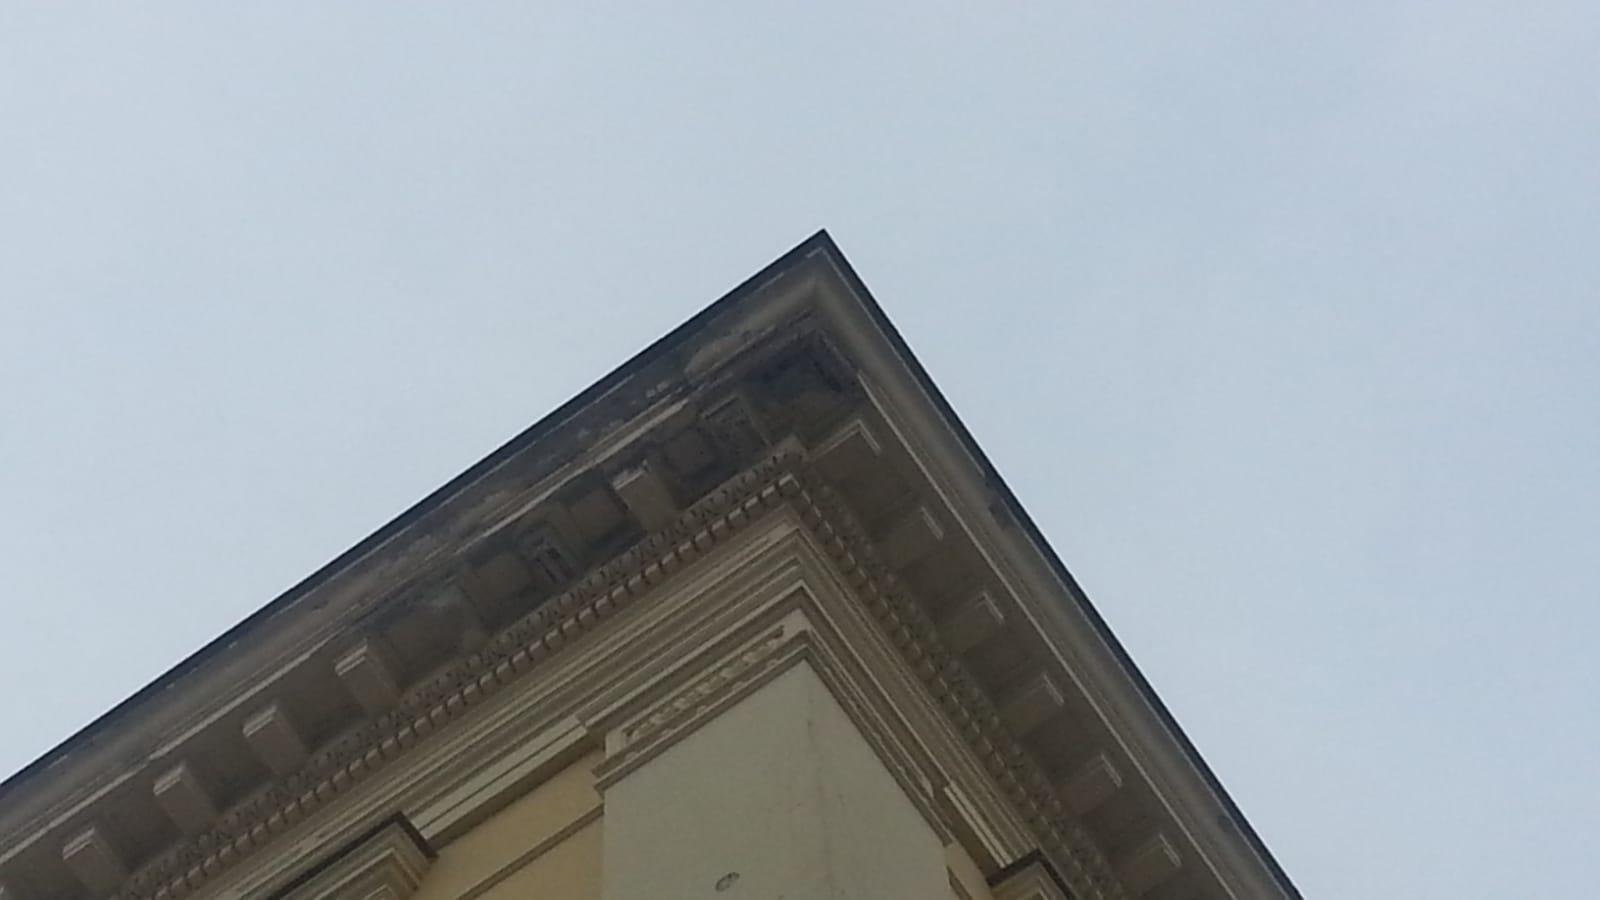 Benevento| Intonaco dalla prefettura, cornicione senza protezione